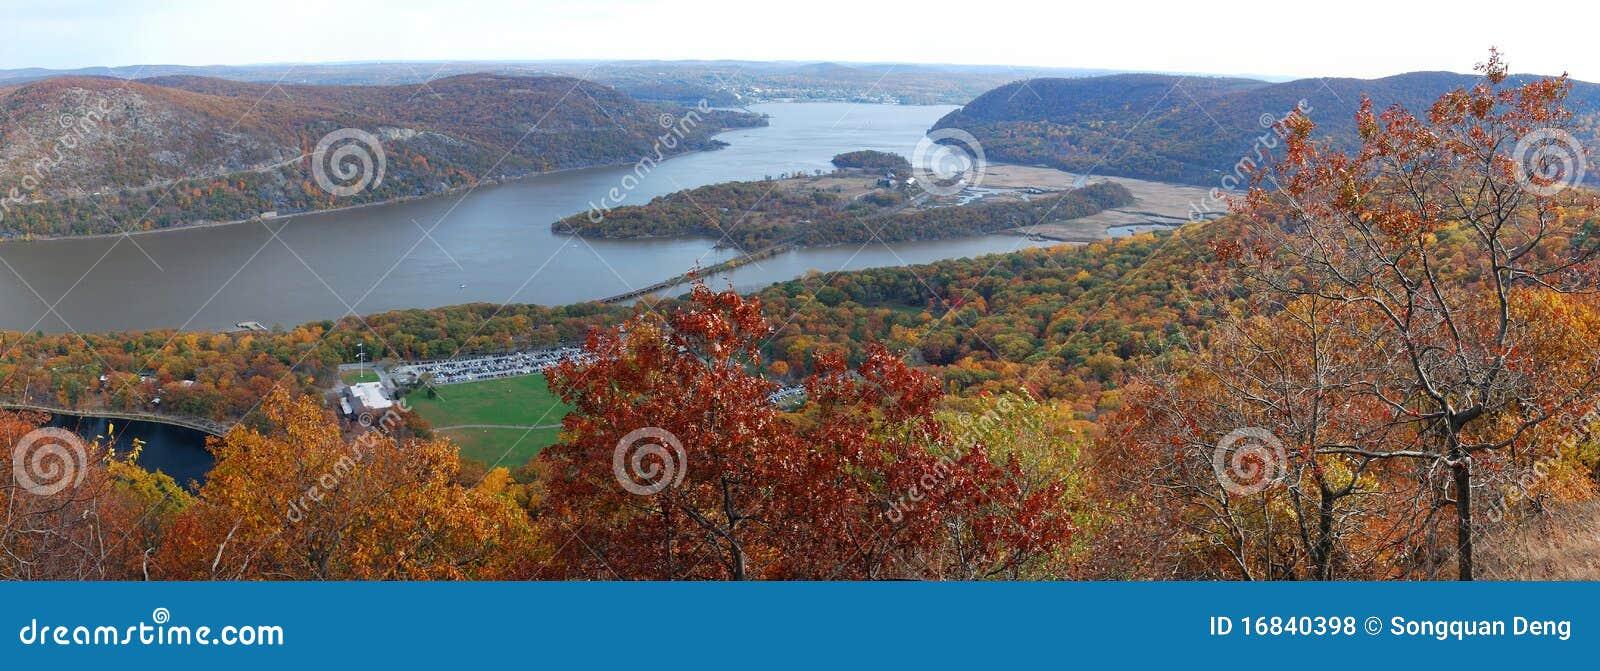 воздушный взгляд панорамы горы медведя осени